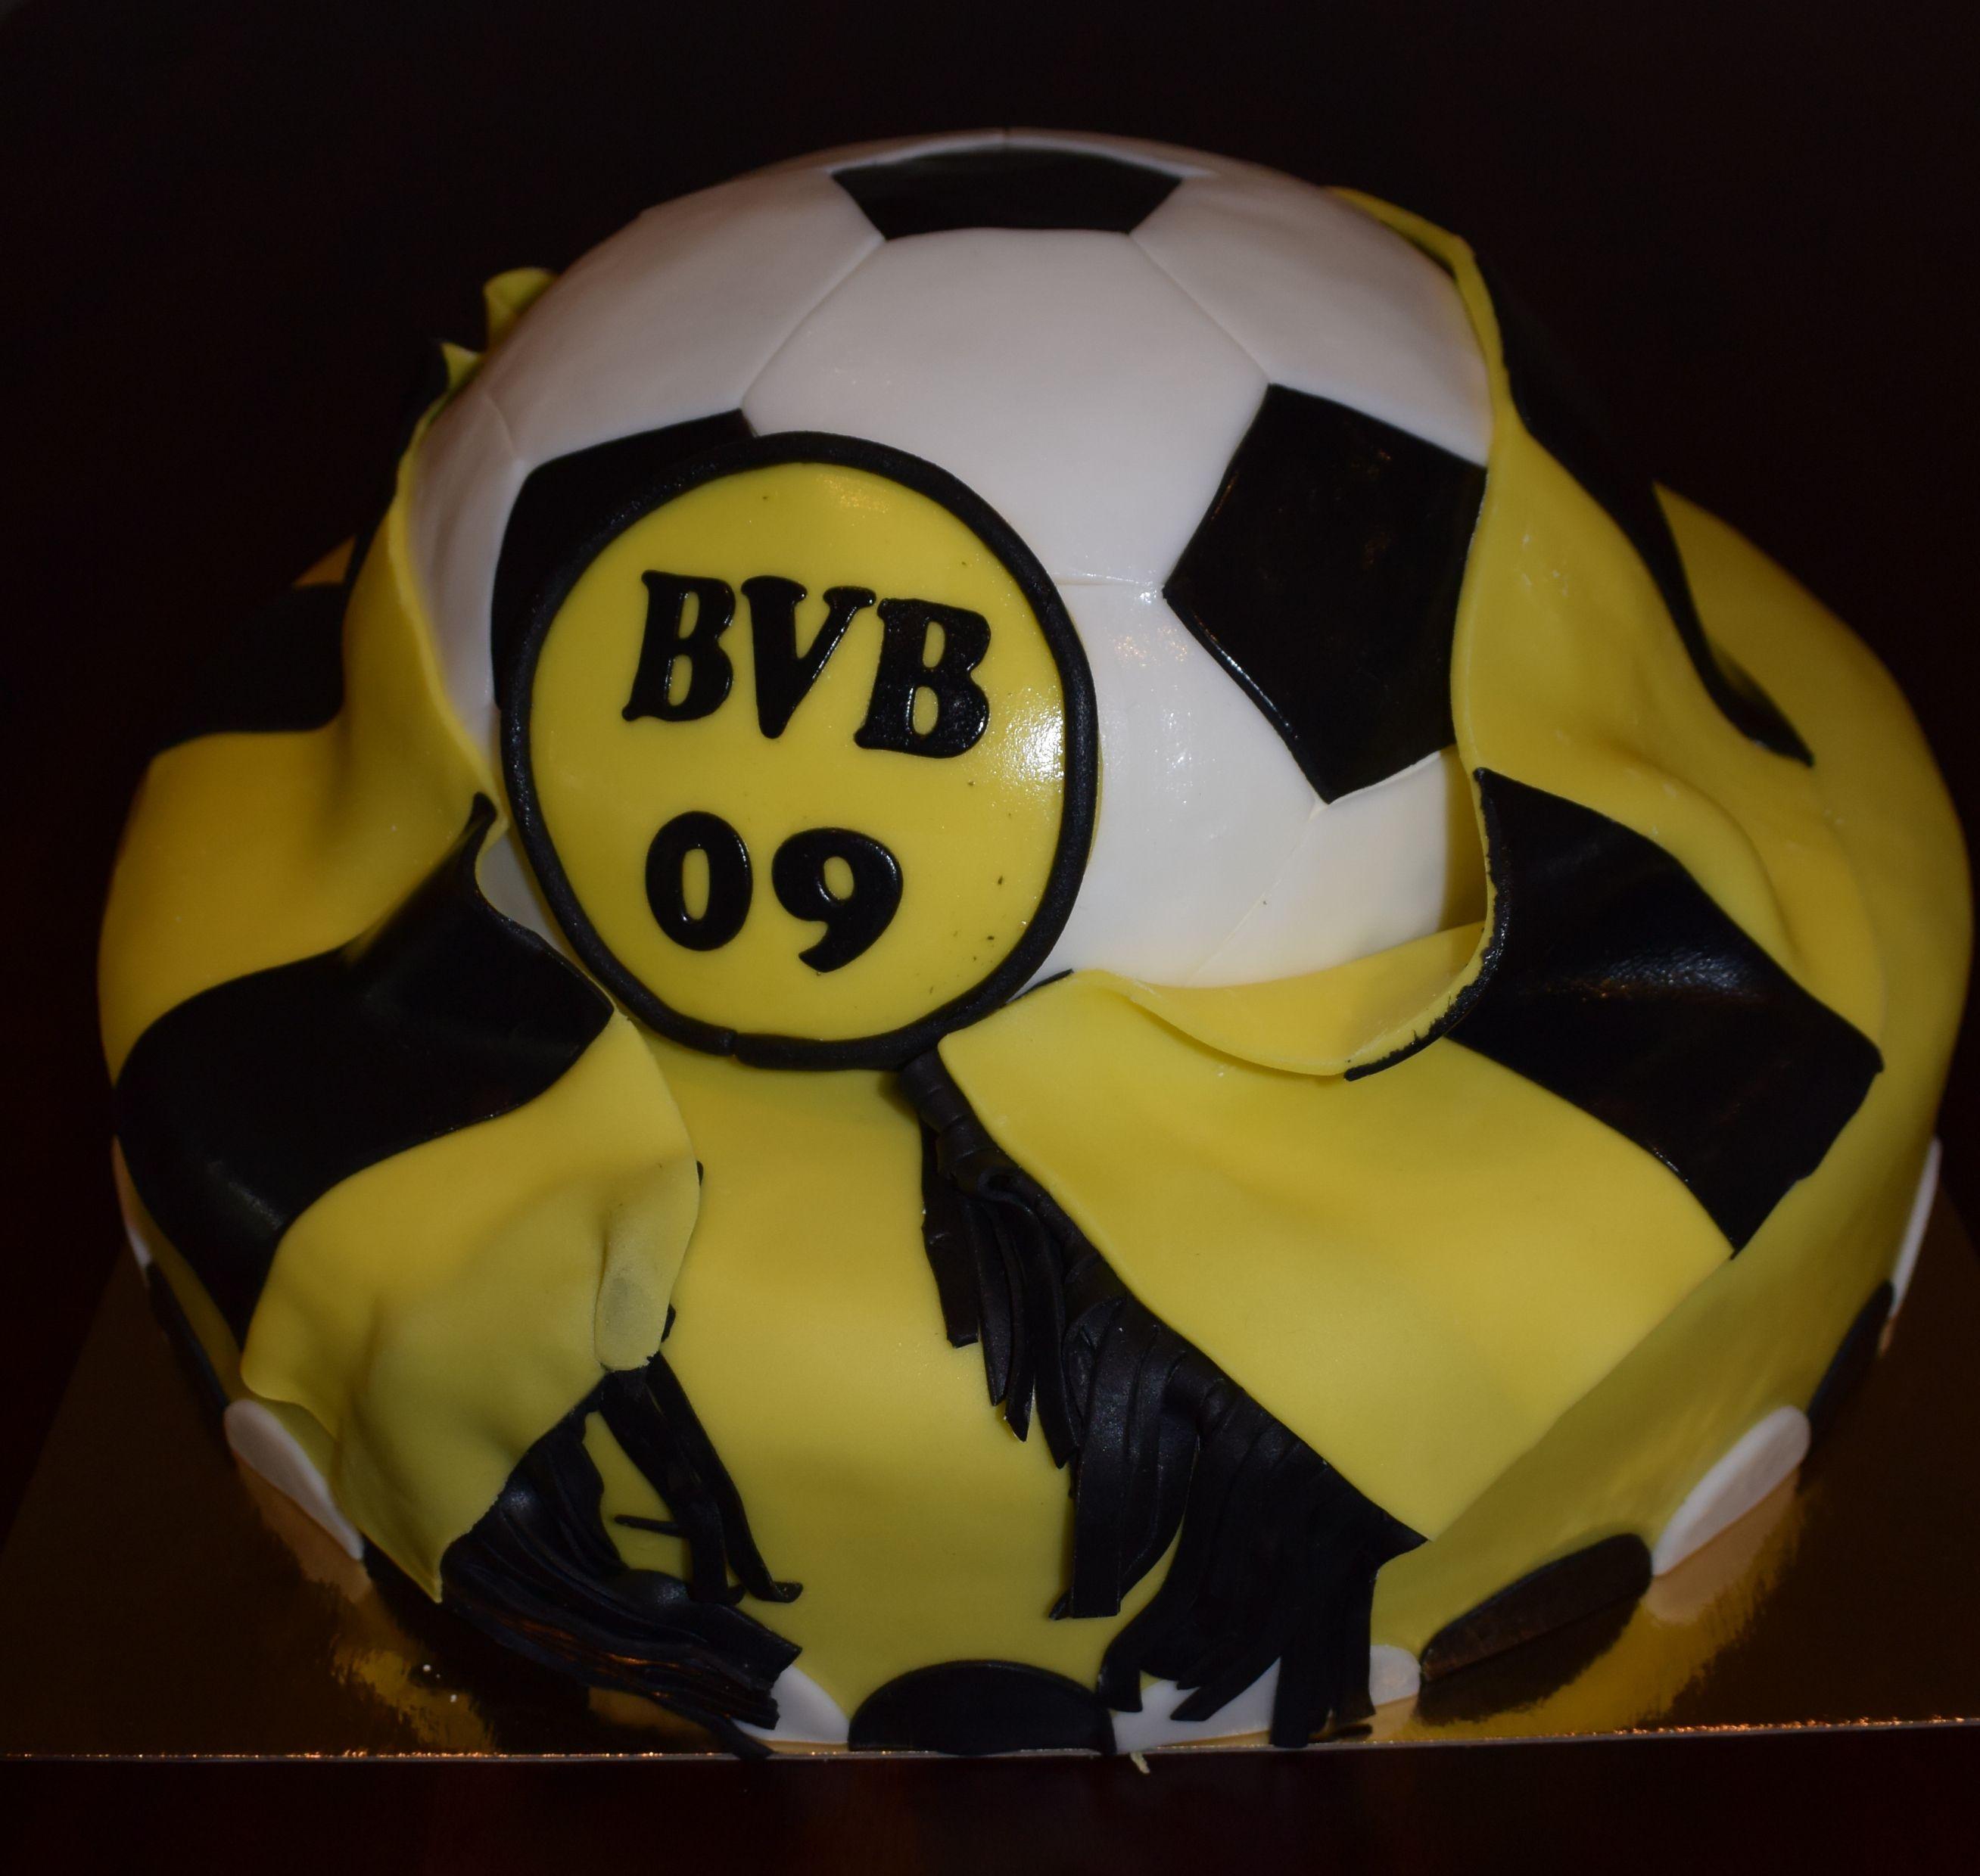 bvb soccer cake bvb fu ball torte die ersten eigenen fondant cakes pinterest soccer. Black Bedroom Furniture Sets. Home Design Ideas